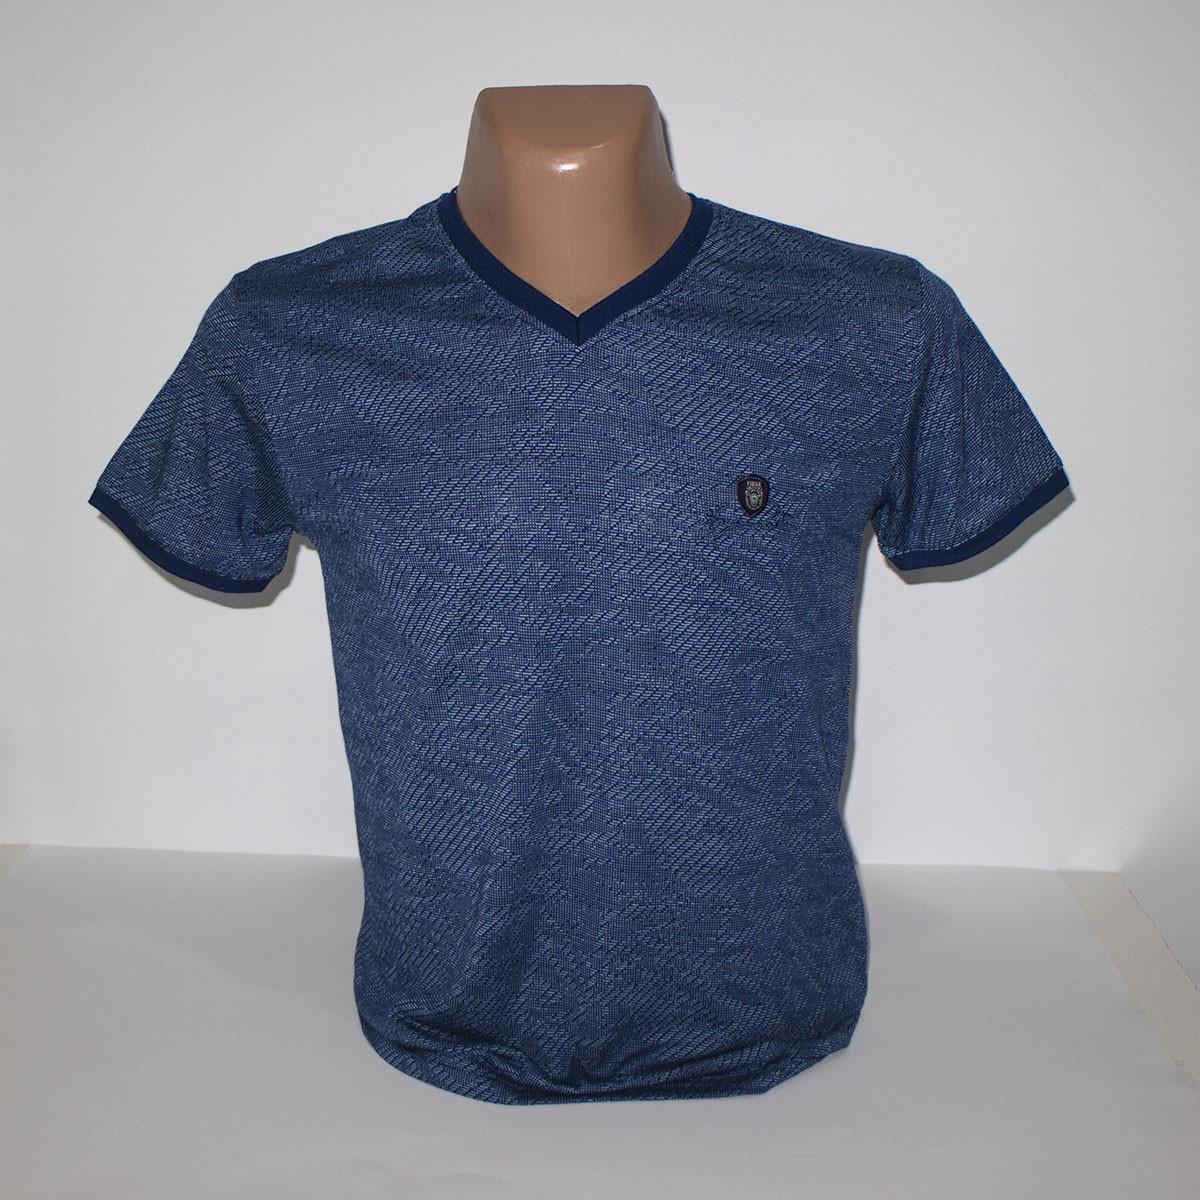 Мужская темно-синяя батальная с мысом футболка лайкра пр-во Турция N3005G